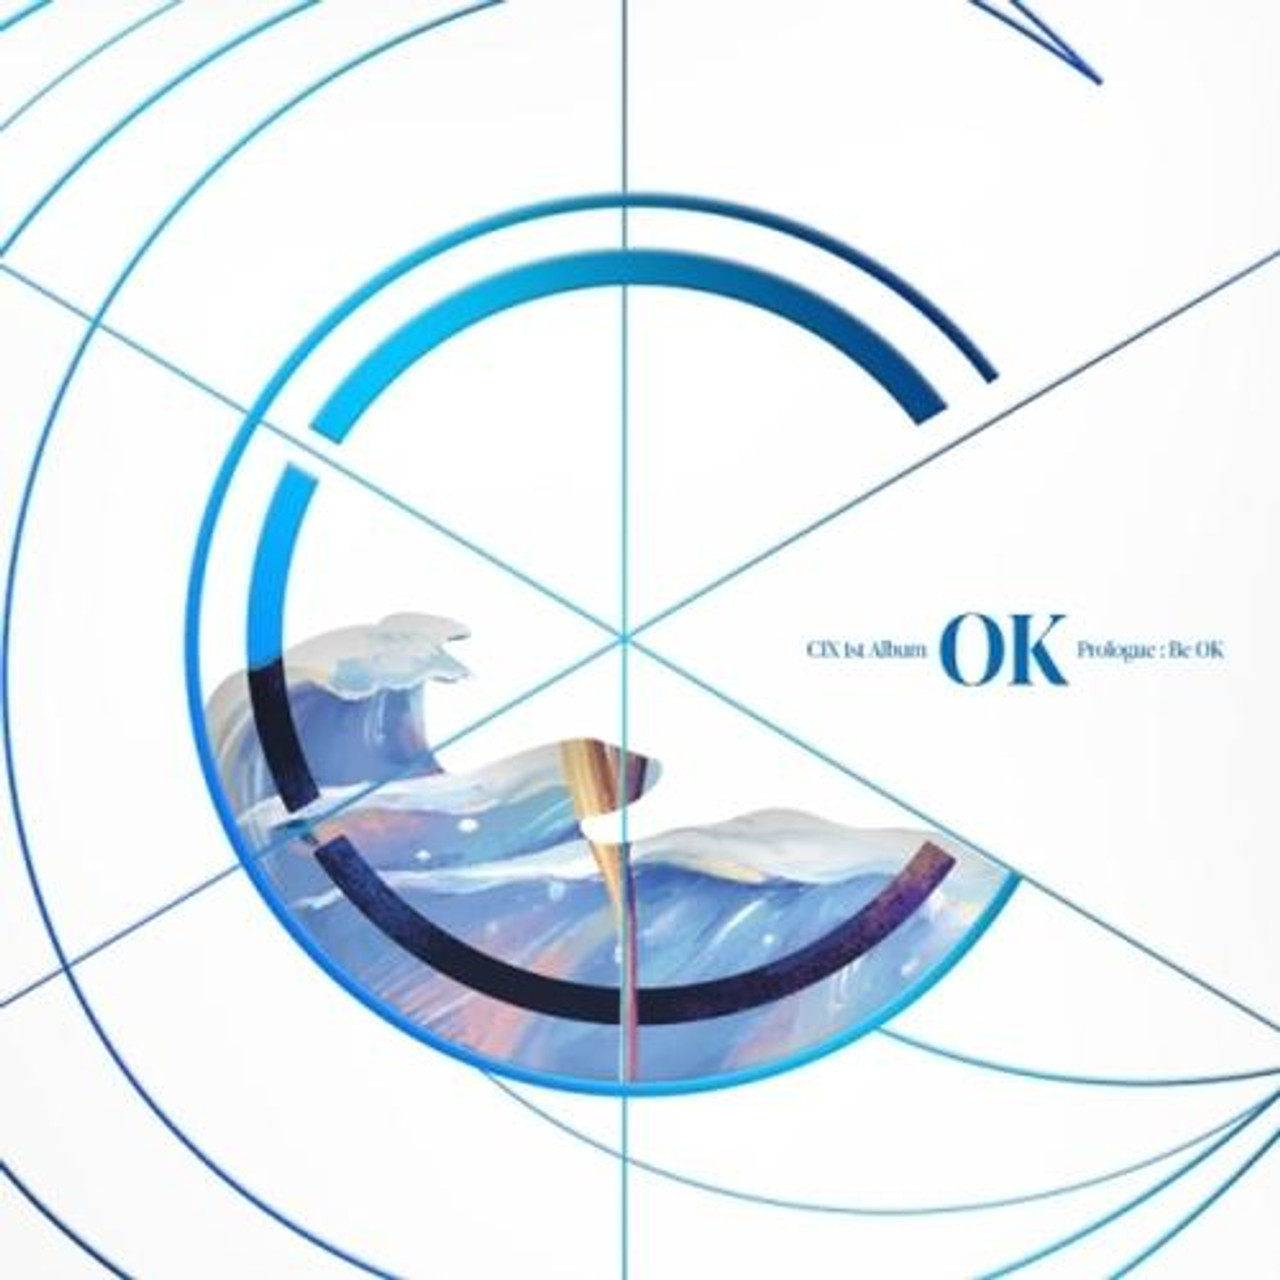 CIX - Vol.1 ['OK' Prologue : Be OK] WAVE Ver